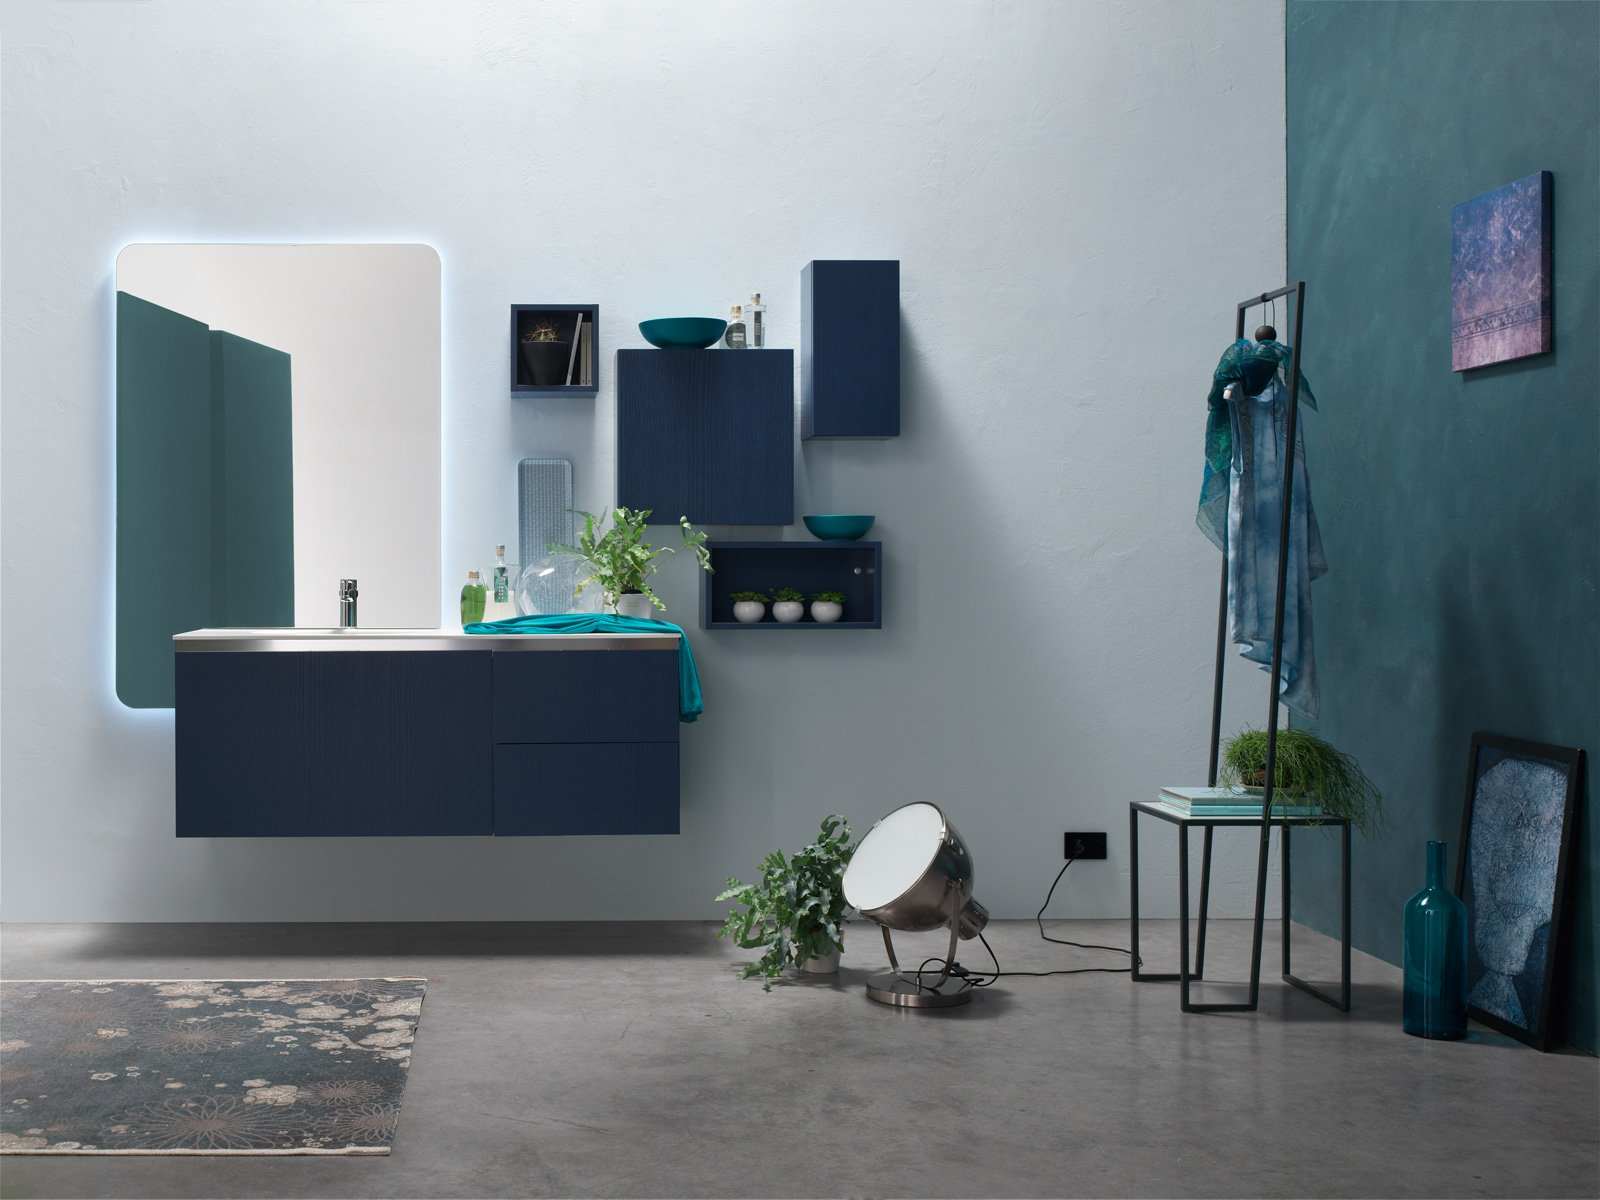 Arcom arreda il bagno con i colori della nuova linea ak for Arreda il bagno